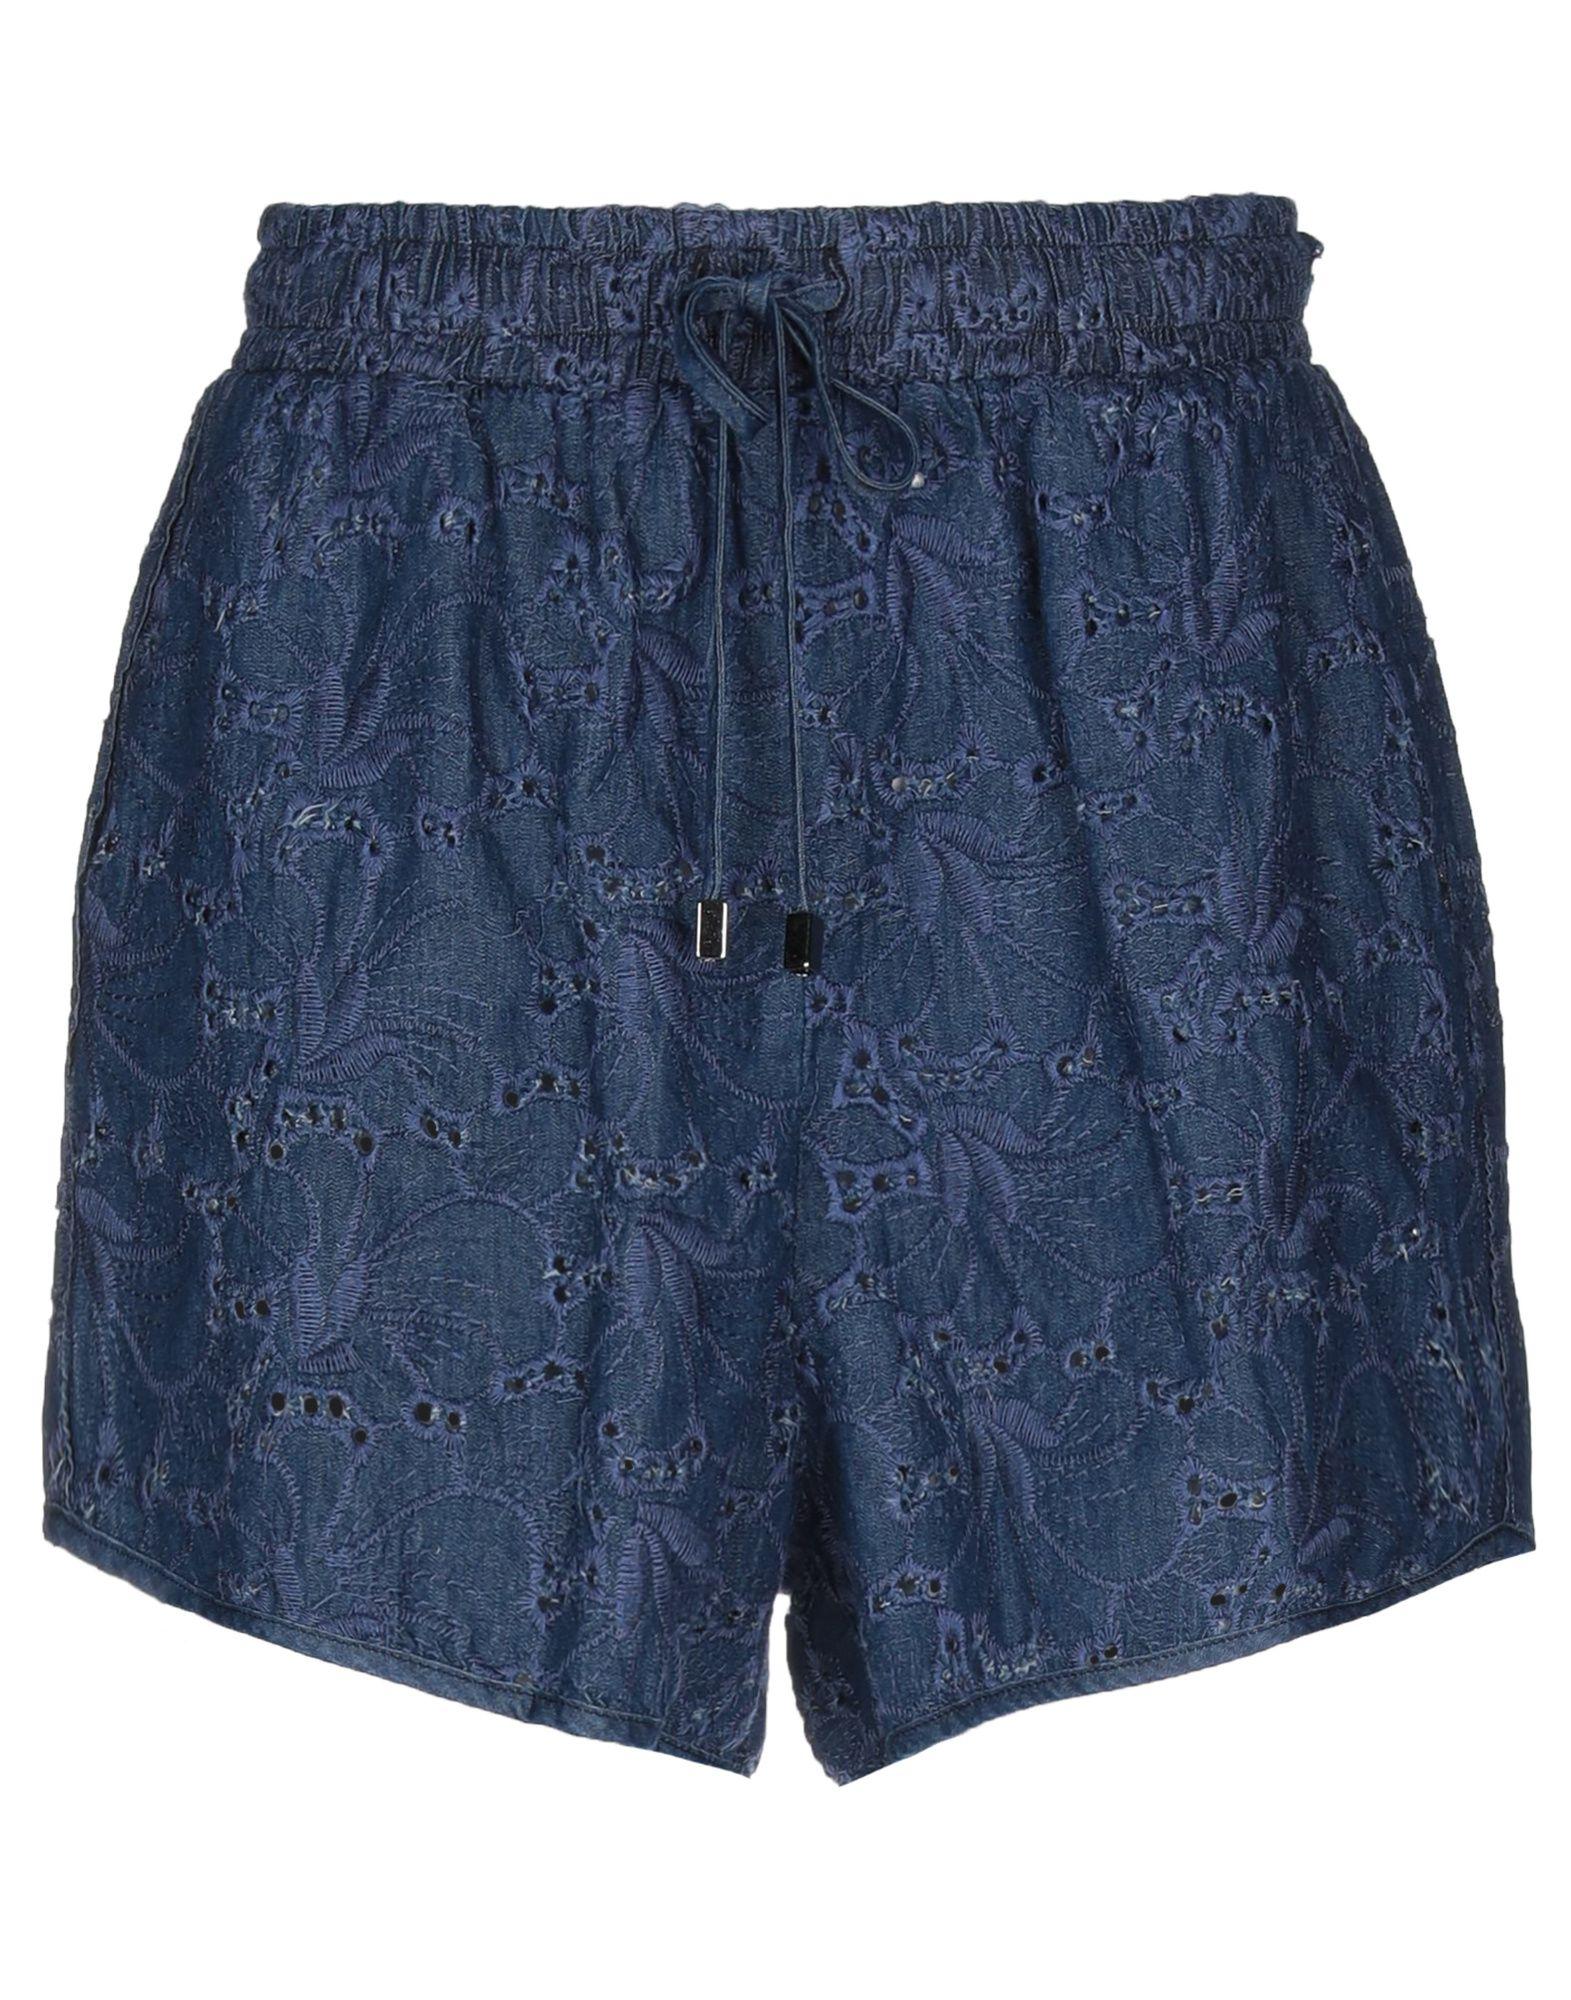 Фото - FLY GIRL Джинсовые шорты fly girl повседневные шорты